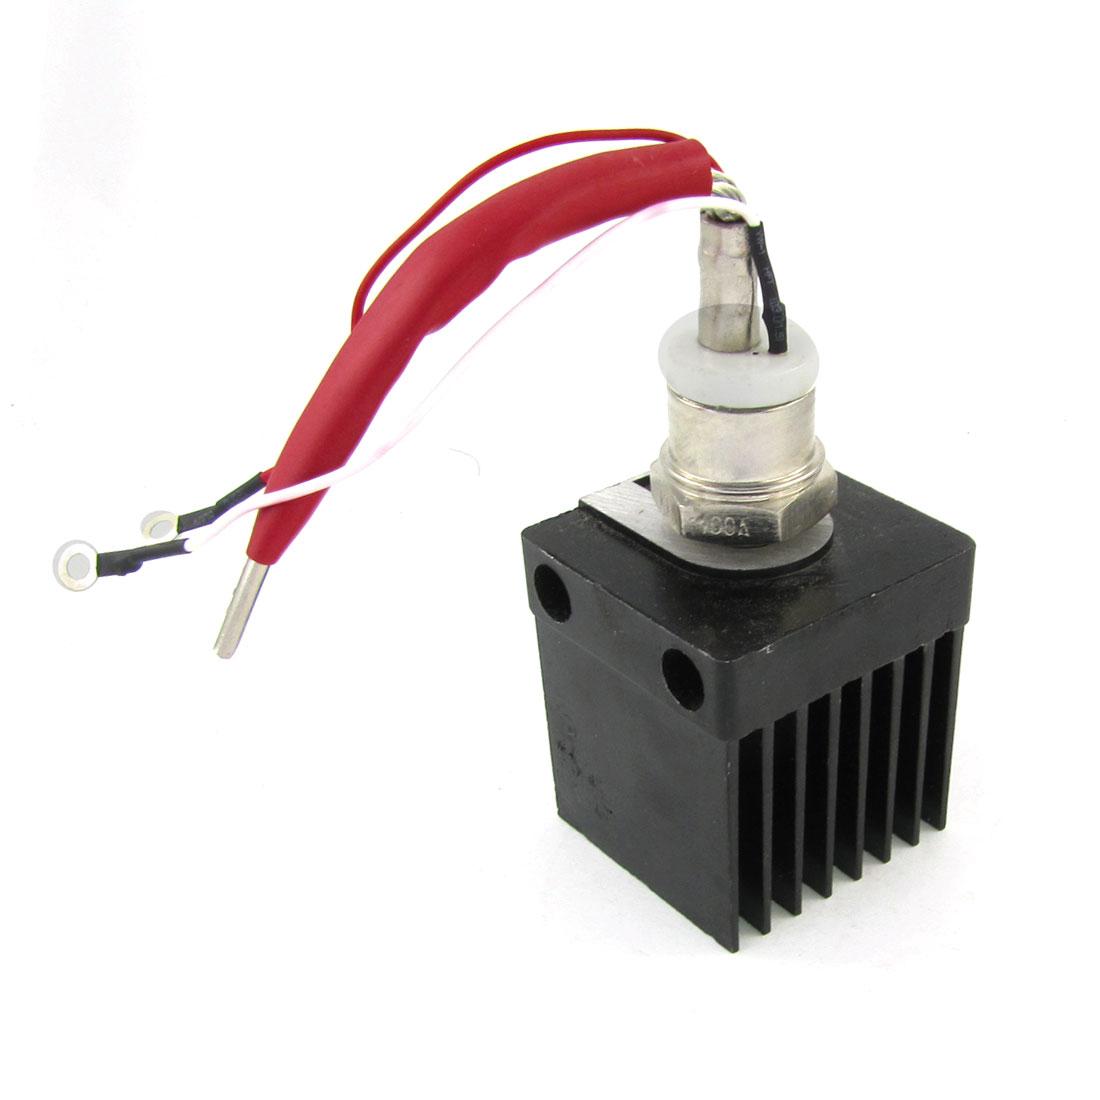 KP100A 1600V 100A Stud Type Phase Control Thyristor w Black Heatsink